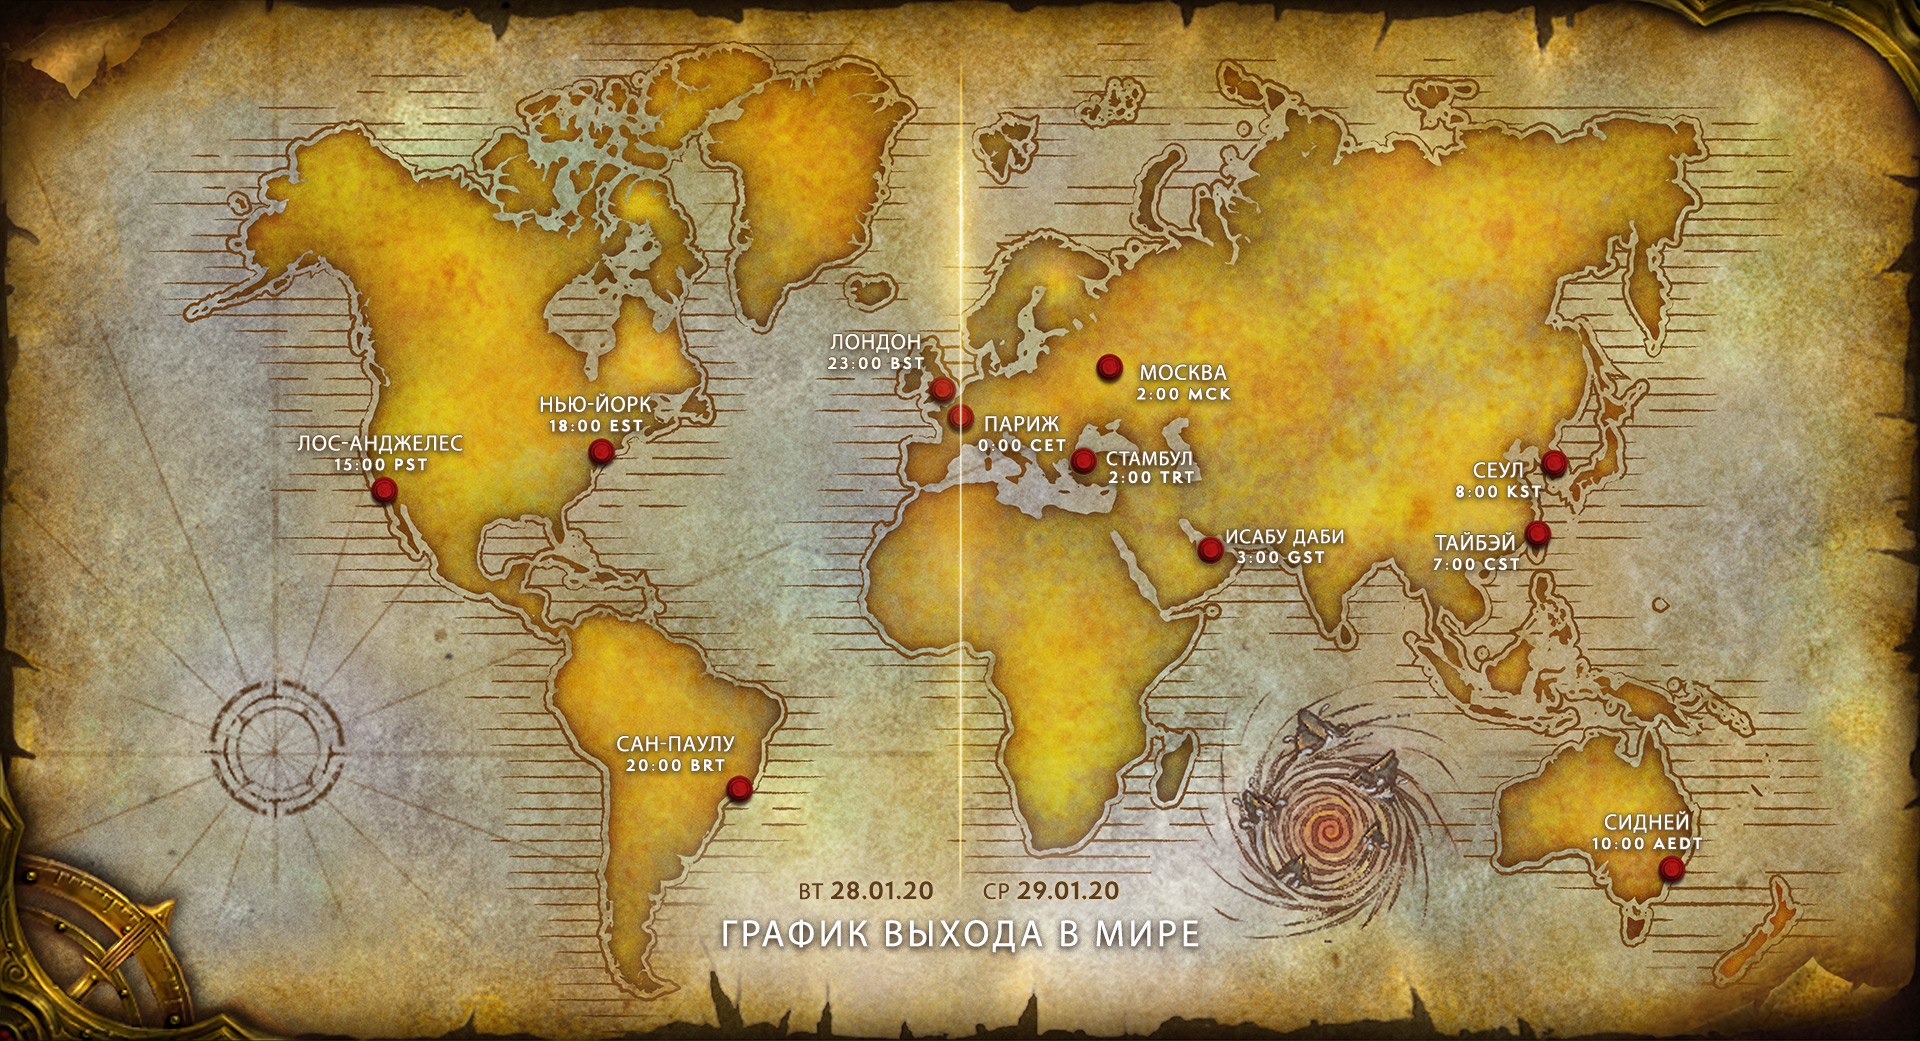 Warcraft III: Reforged выйдет 29 января 2020 года 1